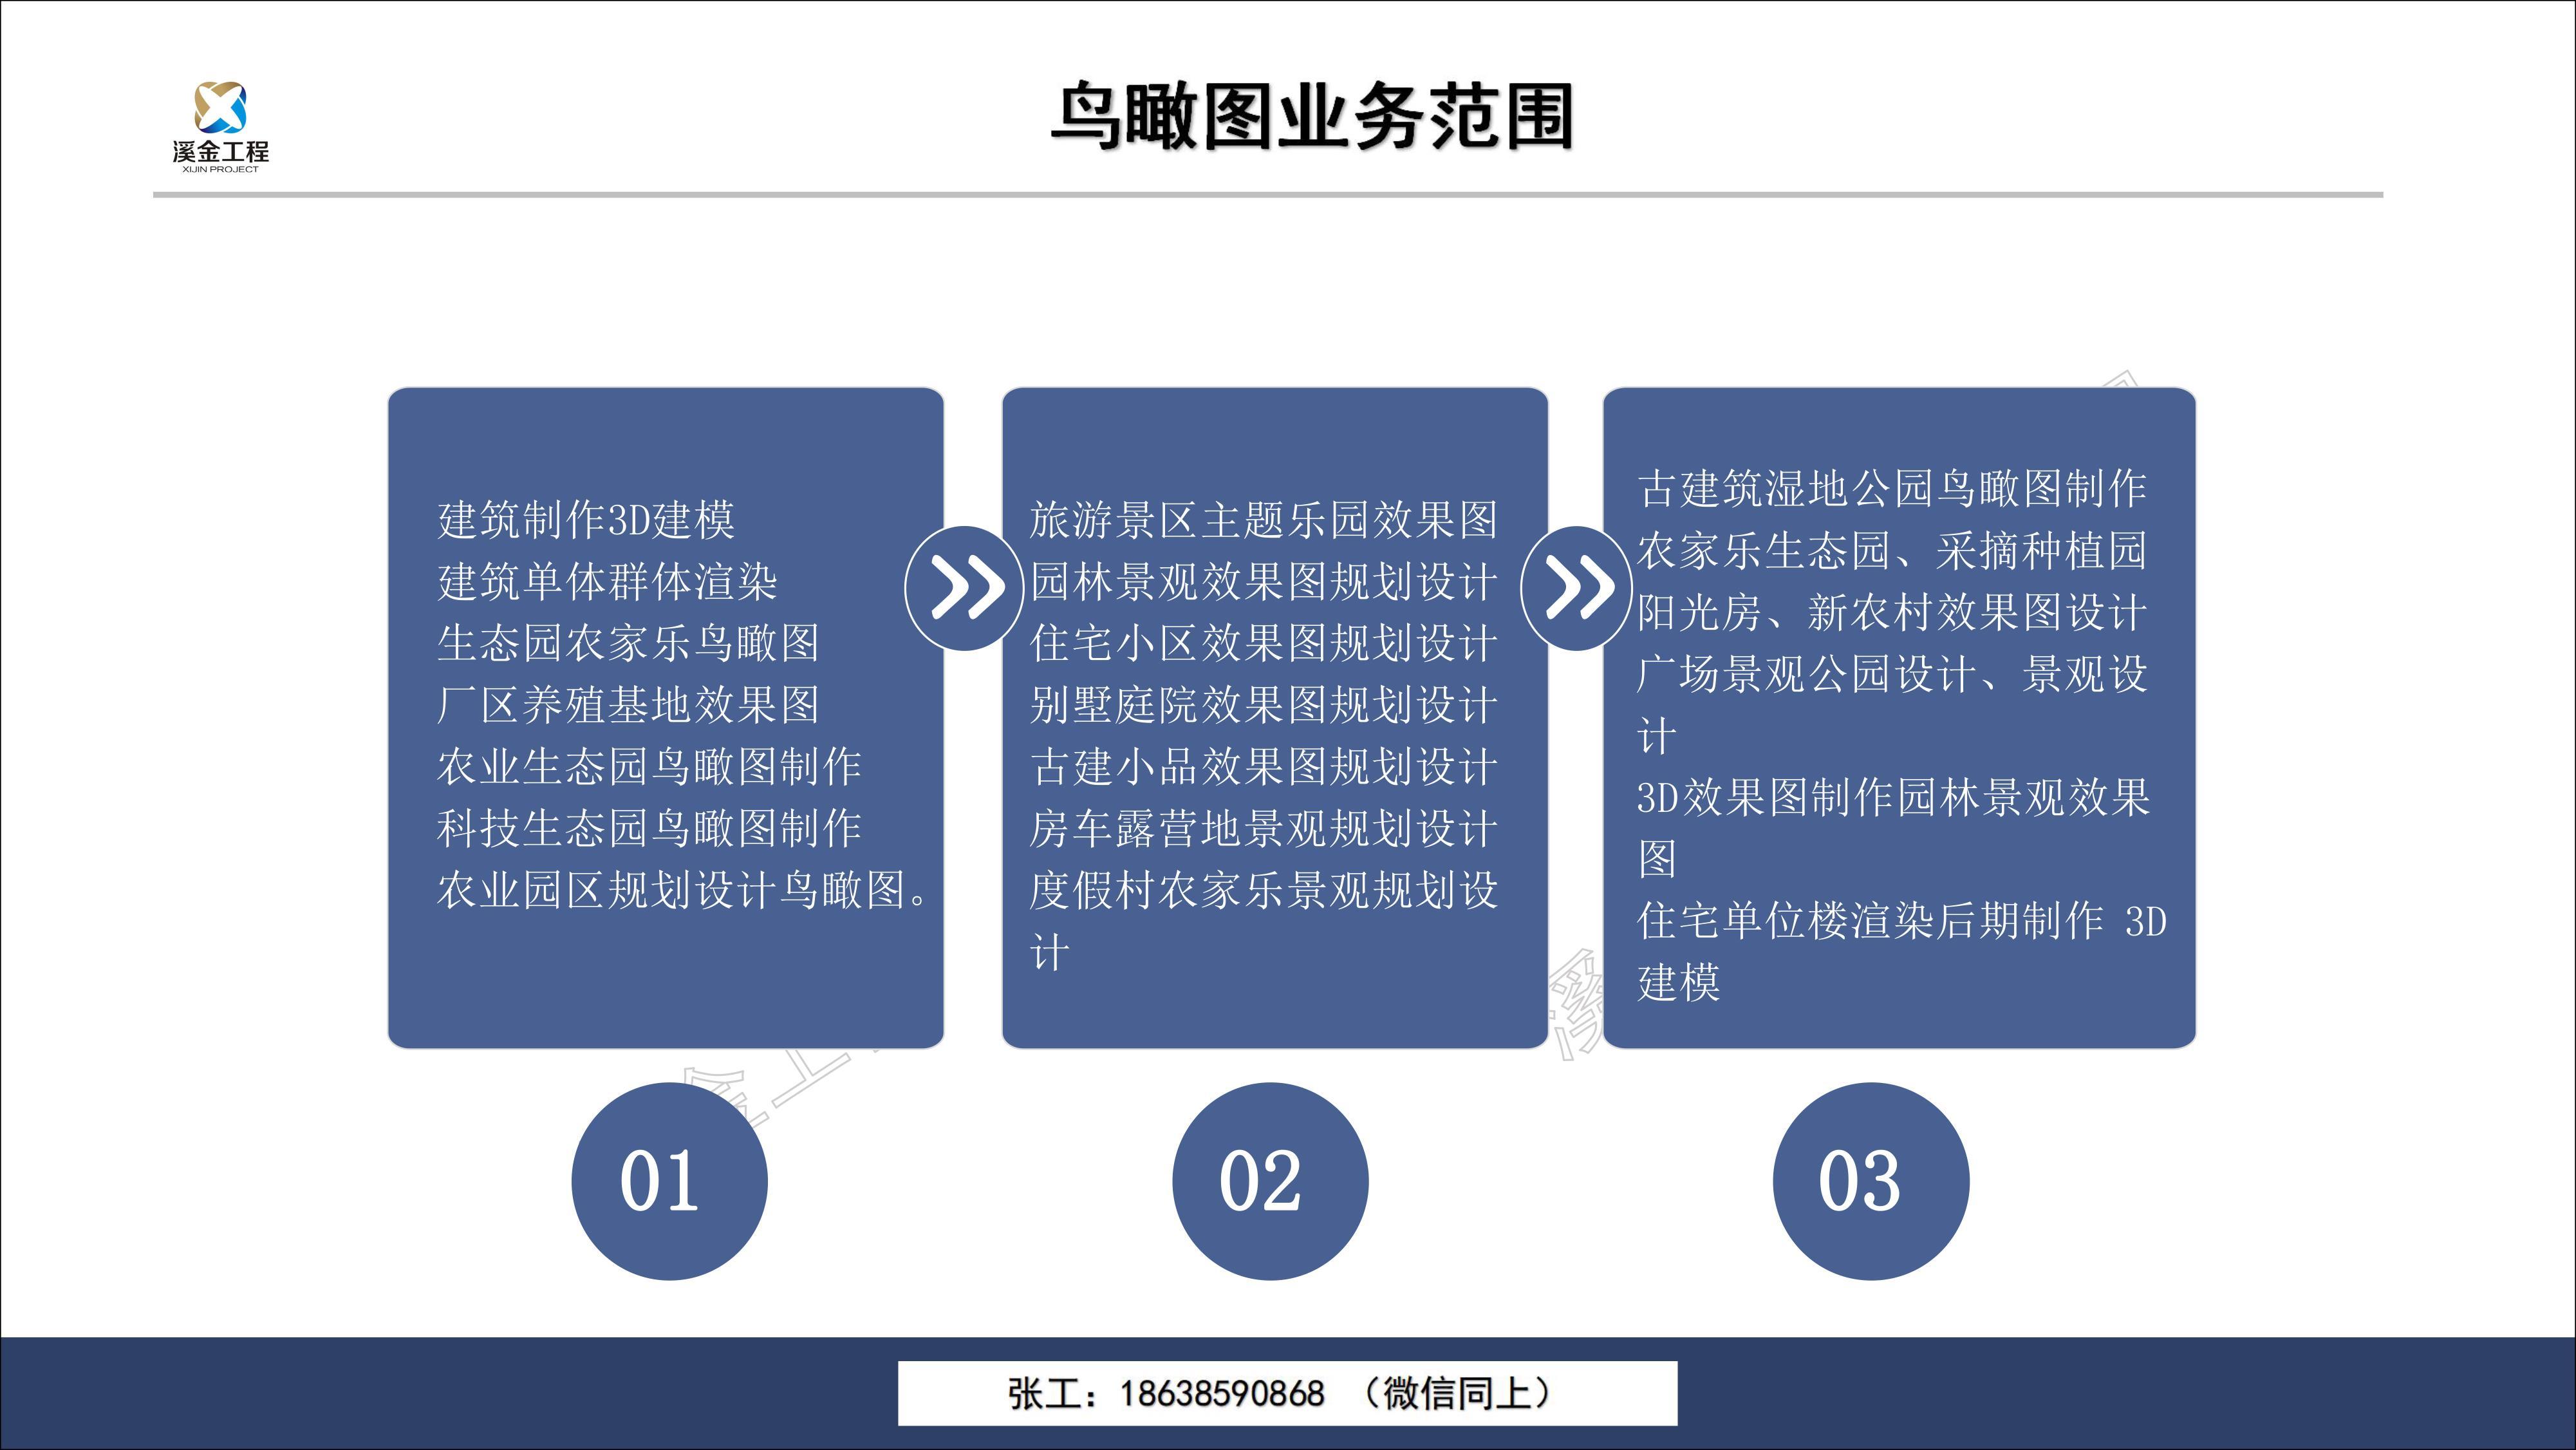 美溪编制田园综可行性研究报告公司-投资合作